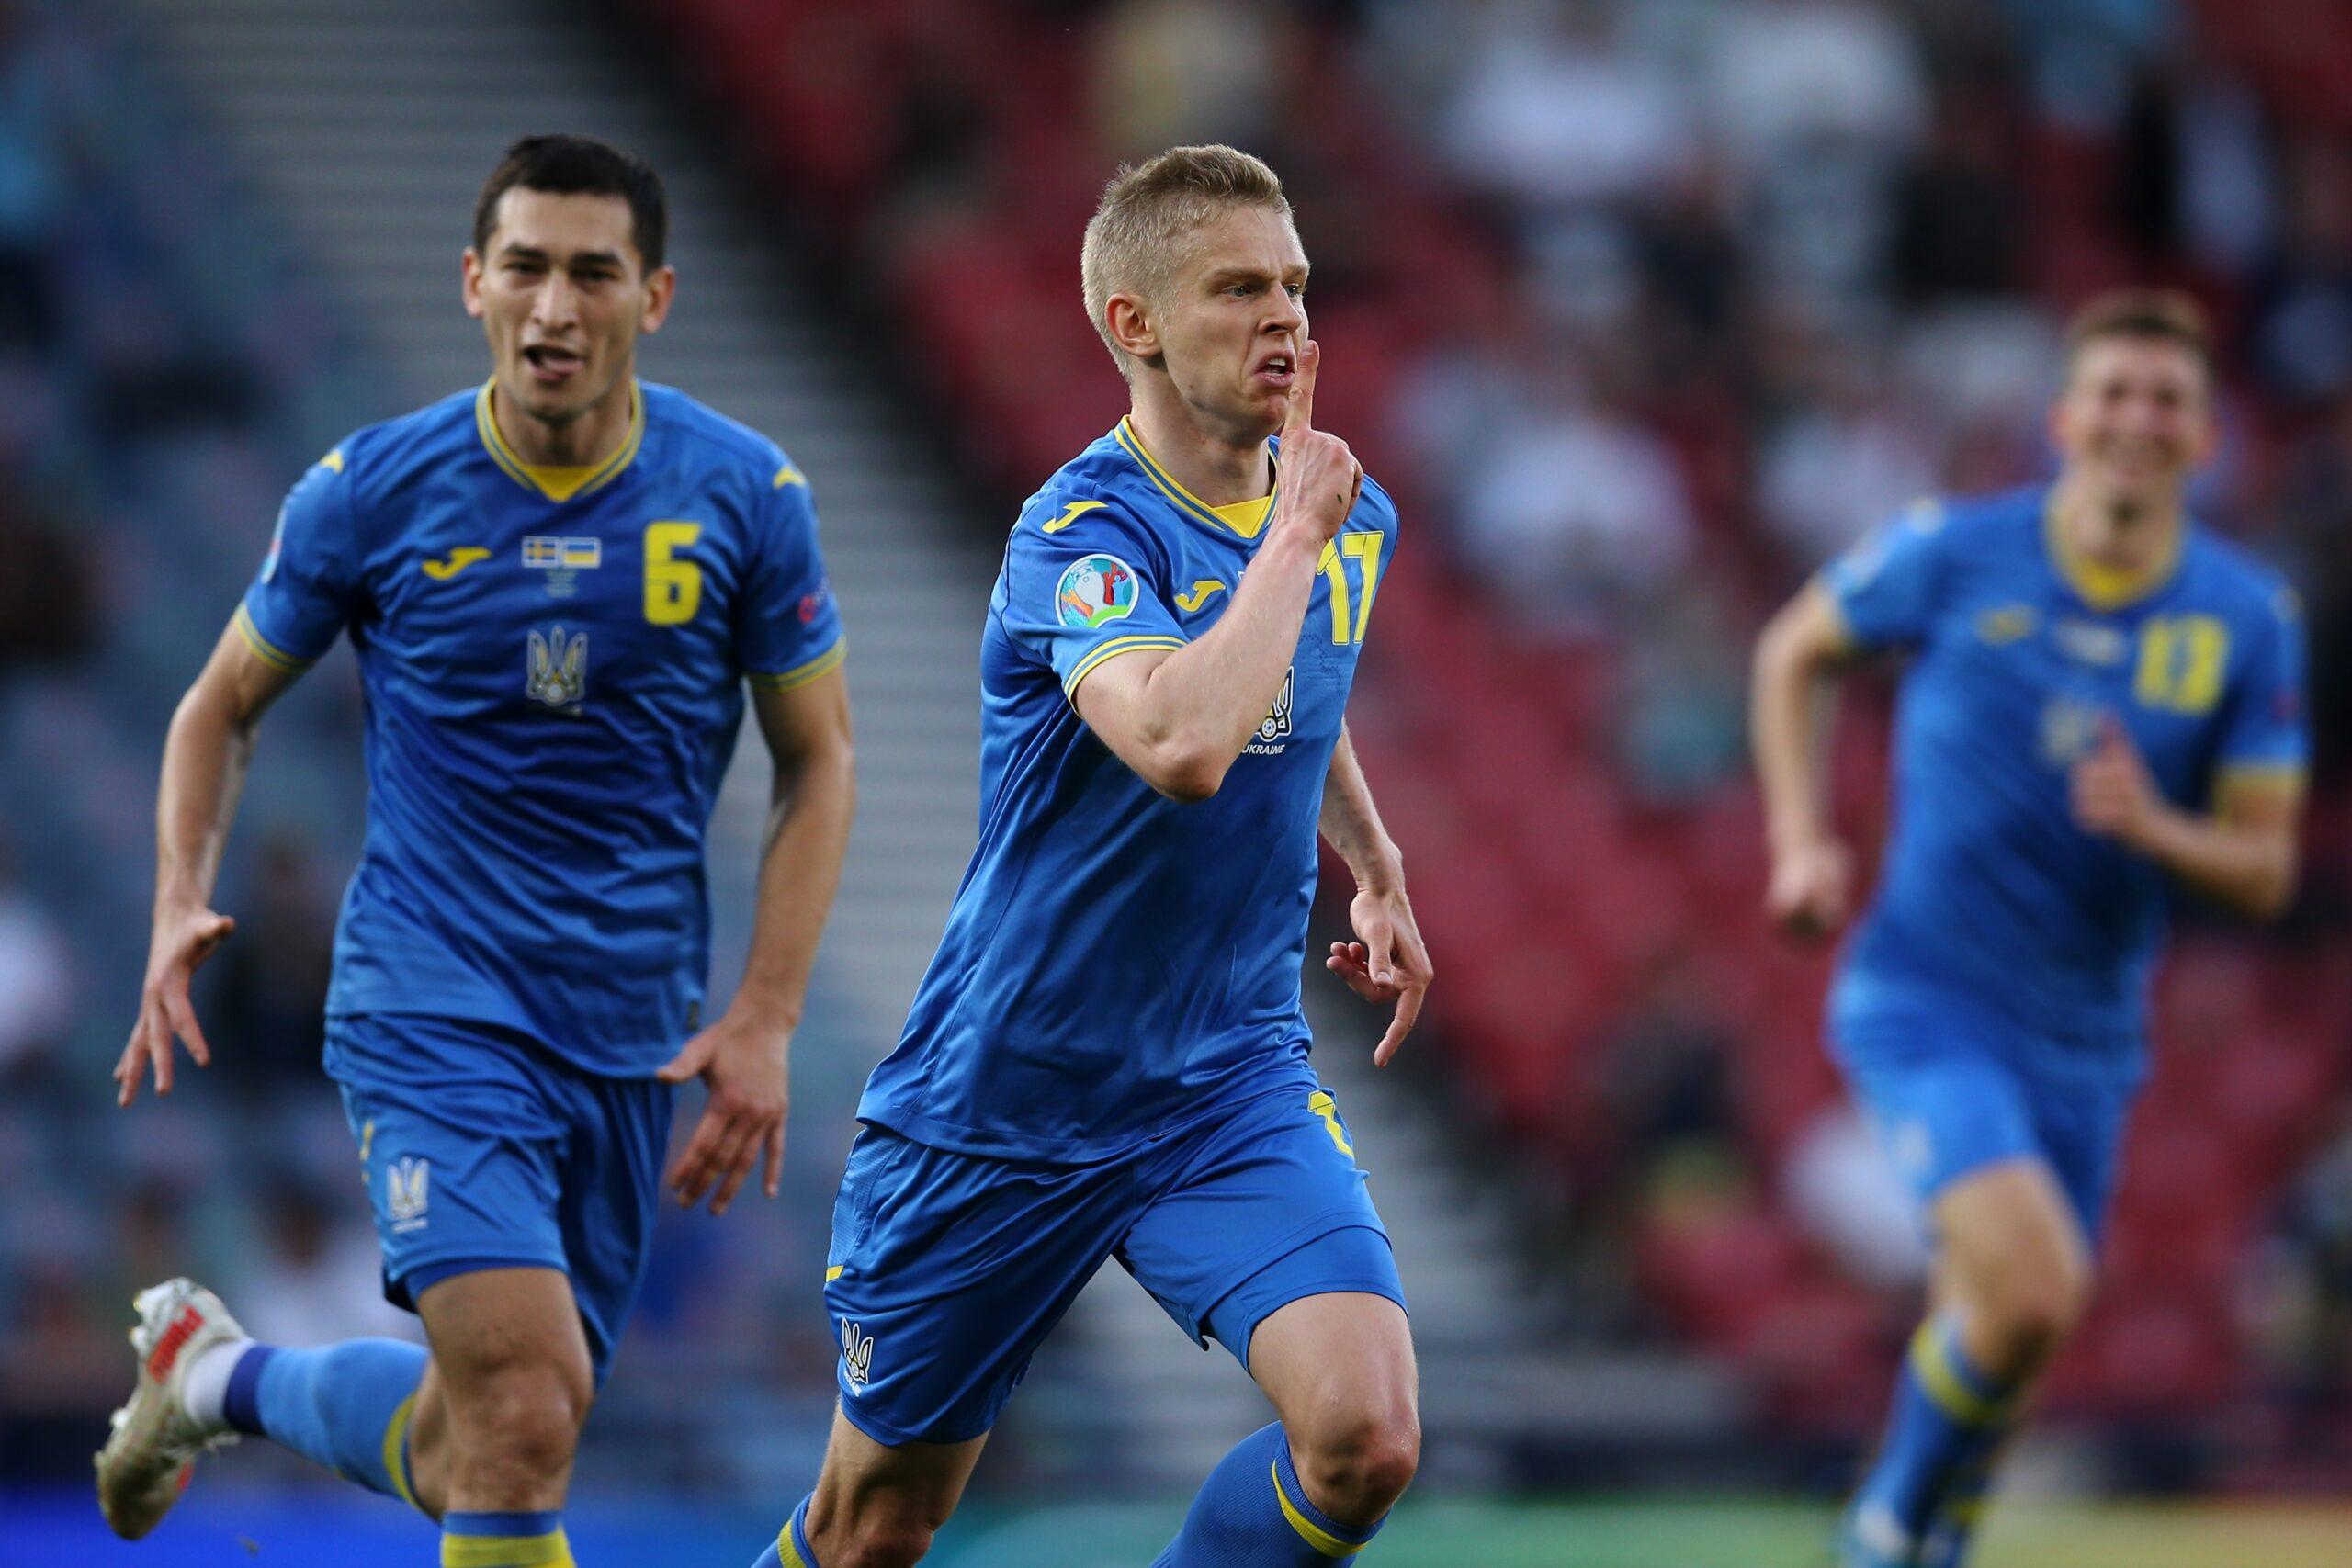 مباراة منتخب أوكرانيا والسويد في اليورو